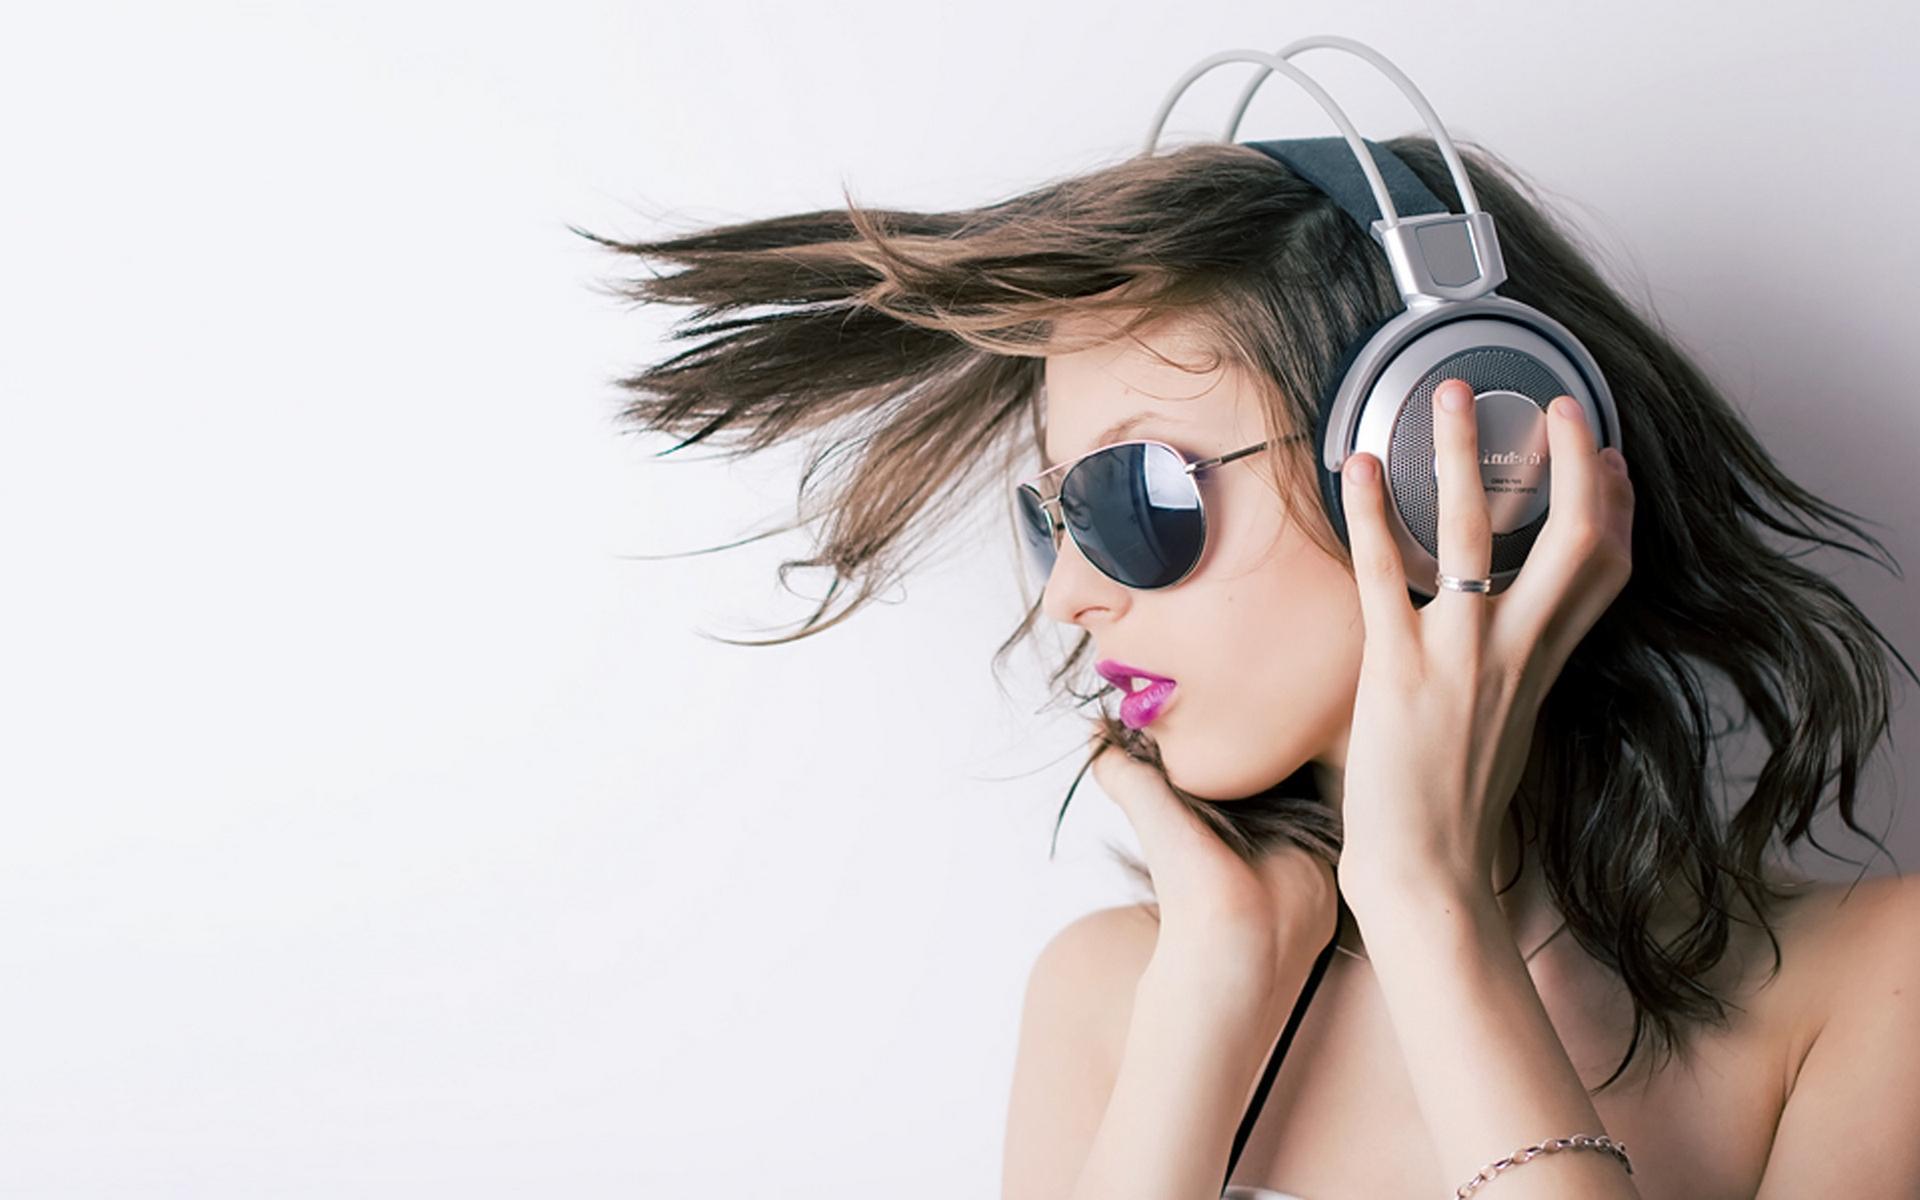 music-girl-fuck